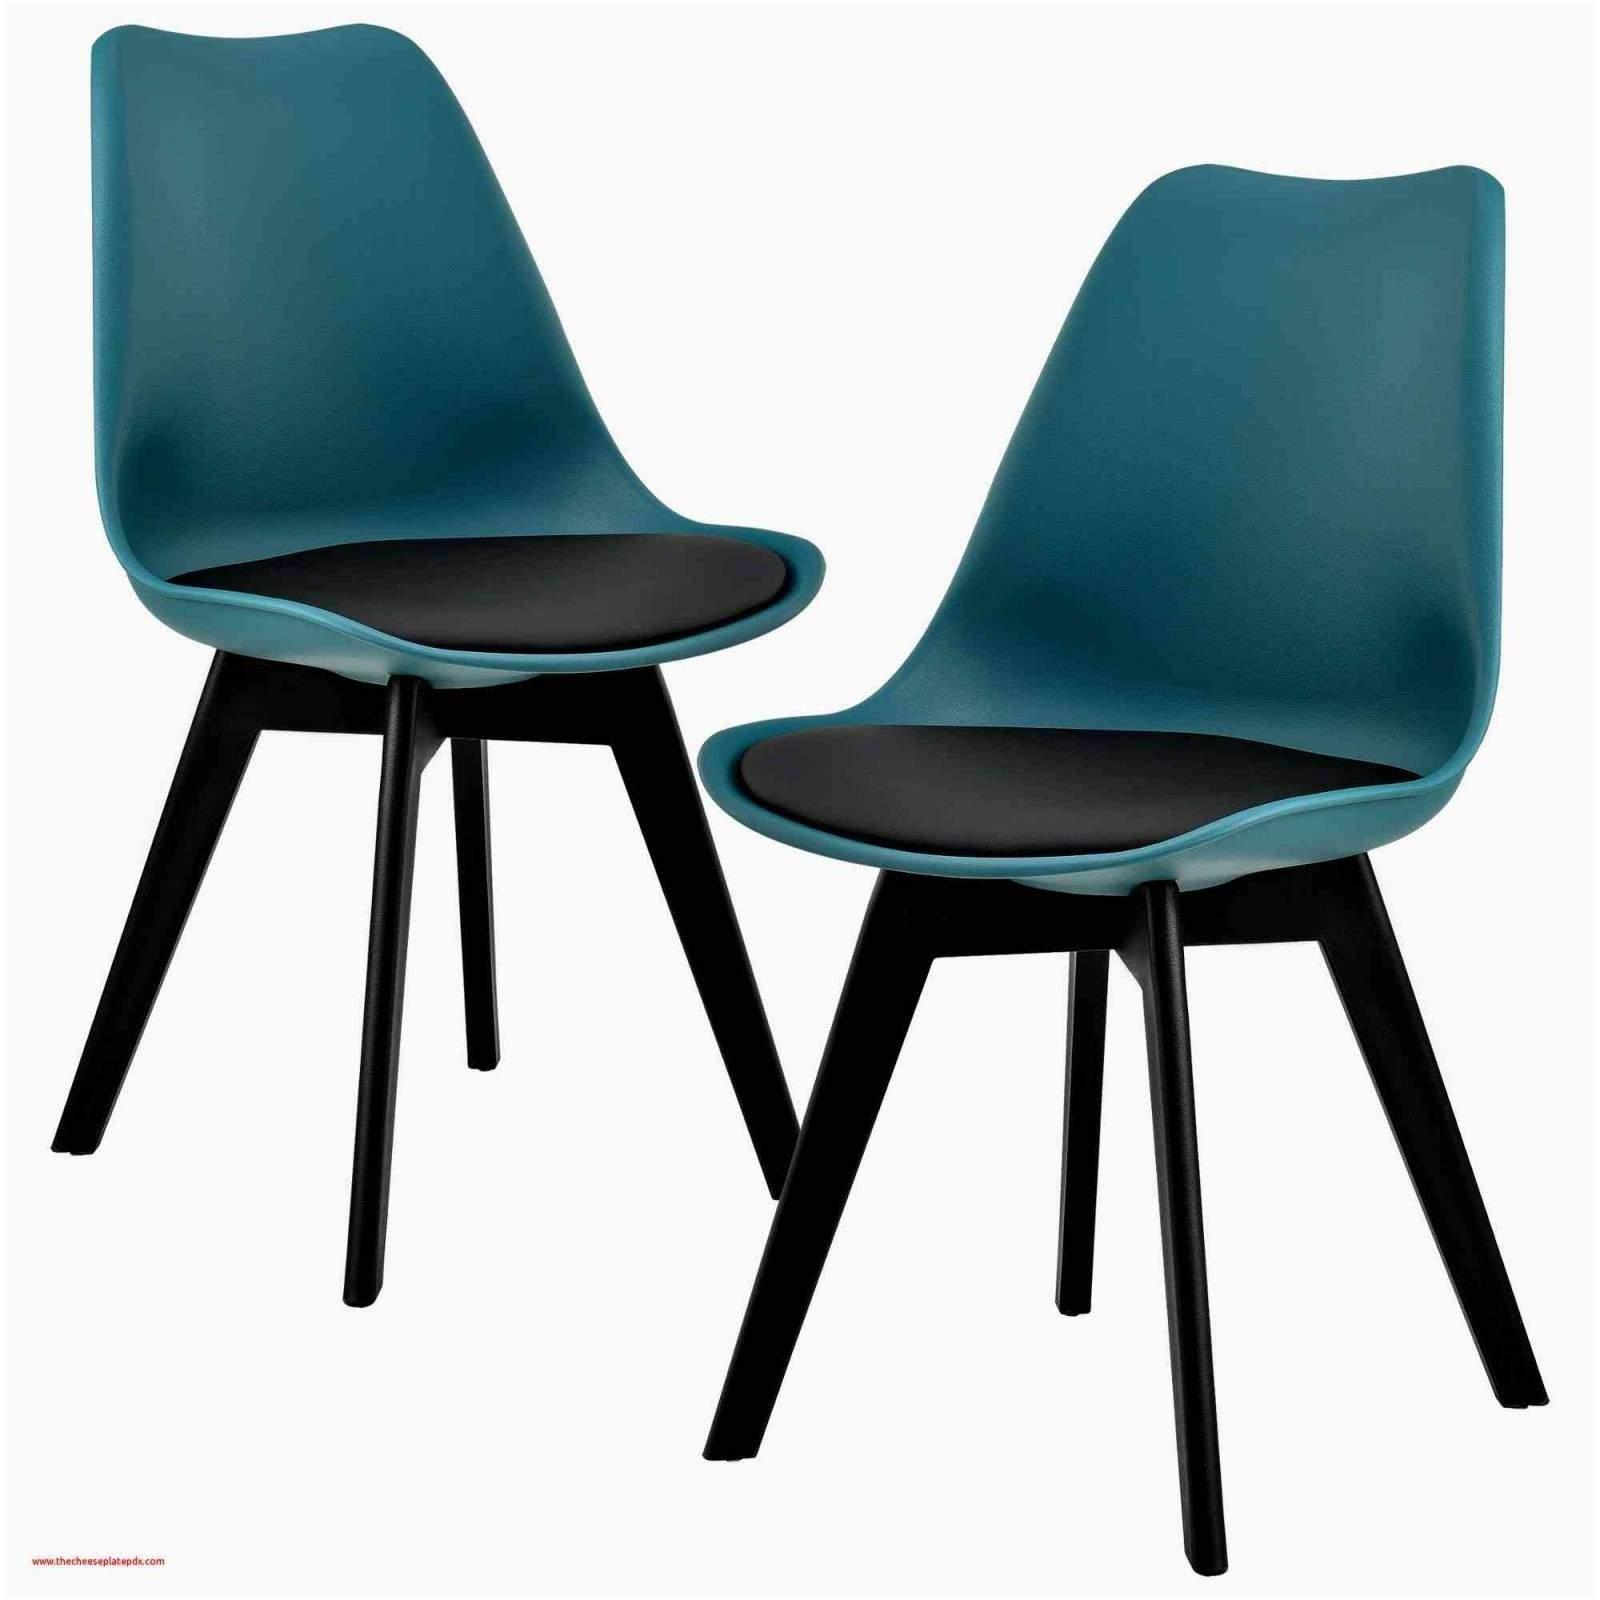 metall stuhl schwarz 24 inspirierend esstisch stuhle schwarz foto metall stuhl schwarz